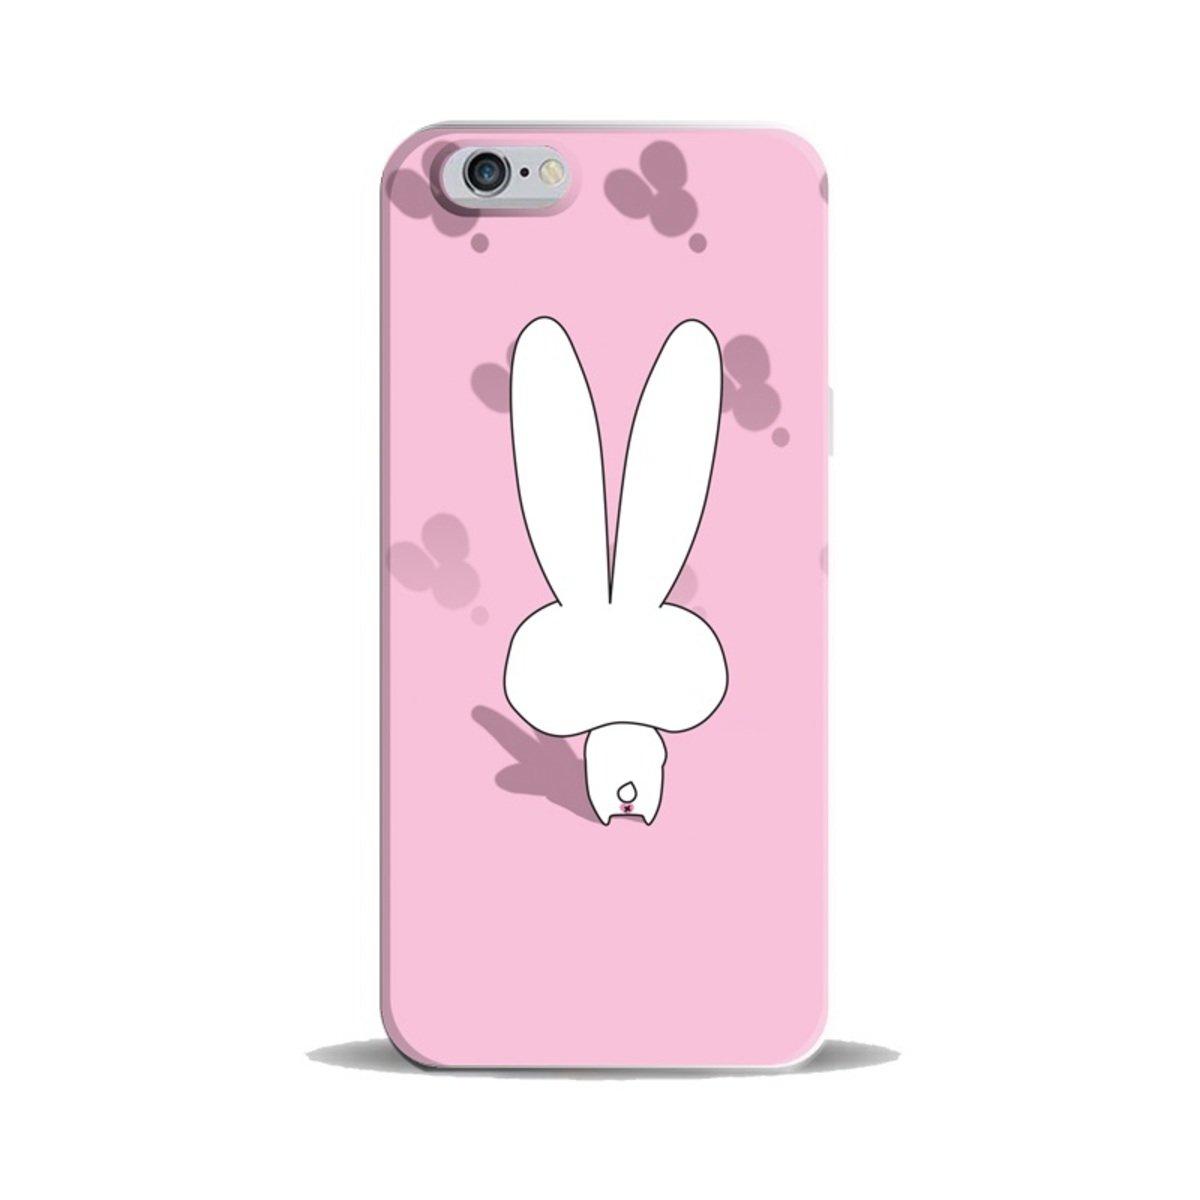 """iPhase - iPhone 6 (4.7"""") 手機膠殼電話保護套 4.7寸 (RaRa) (另有適合iPhone 6 Plus 5.5寸型號)"""